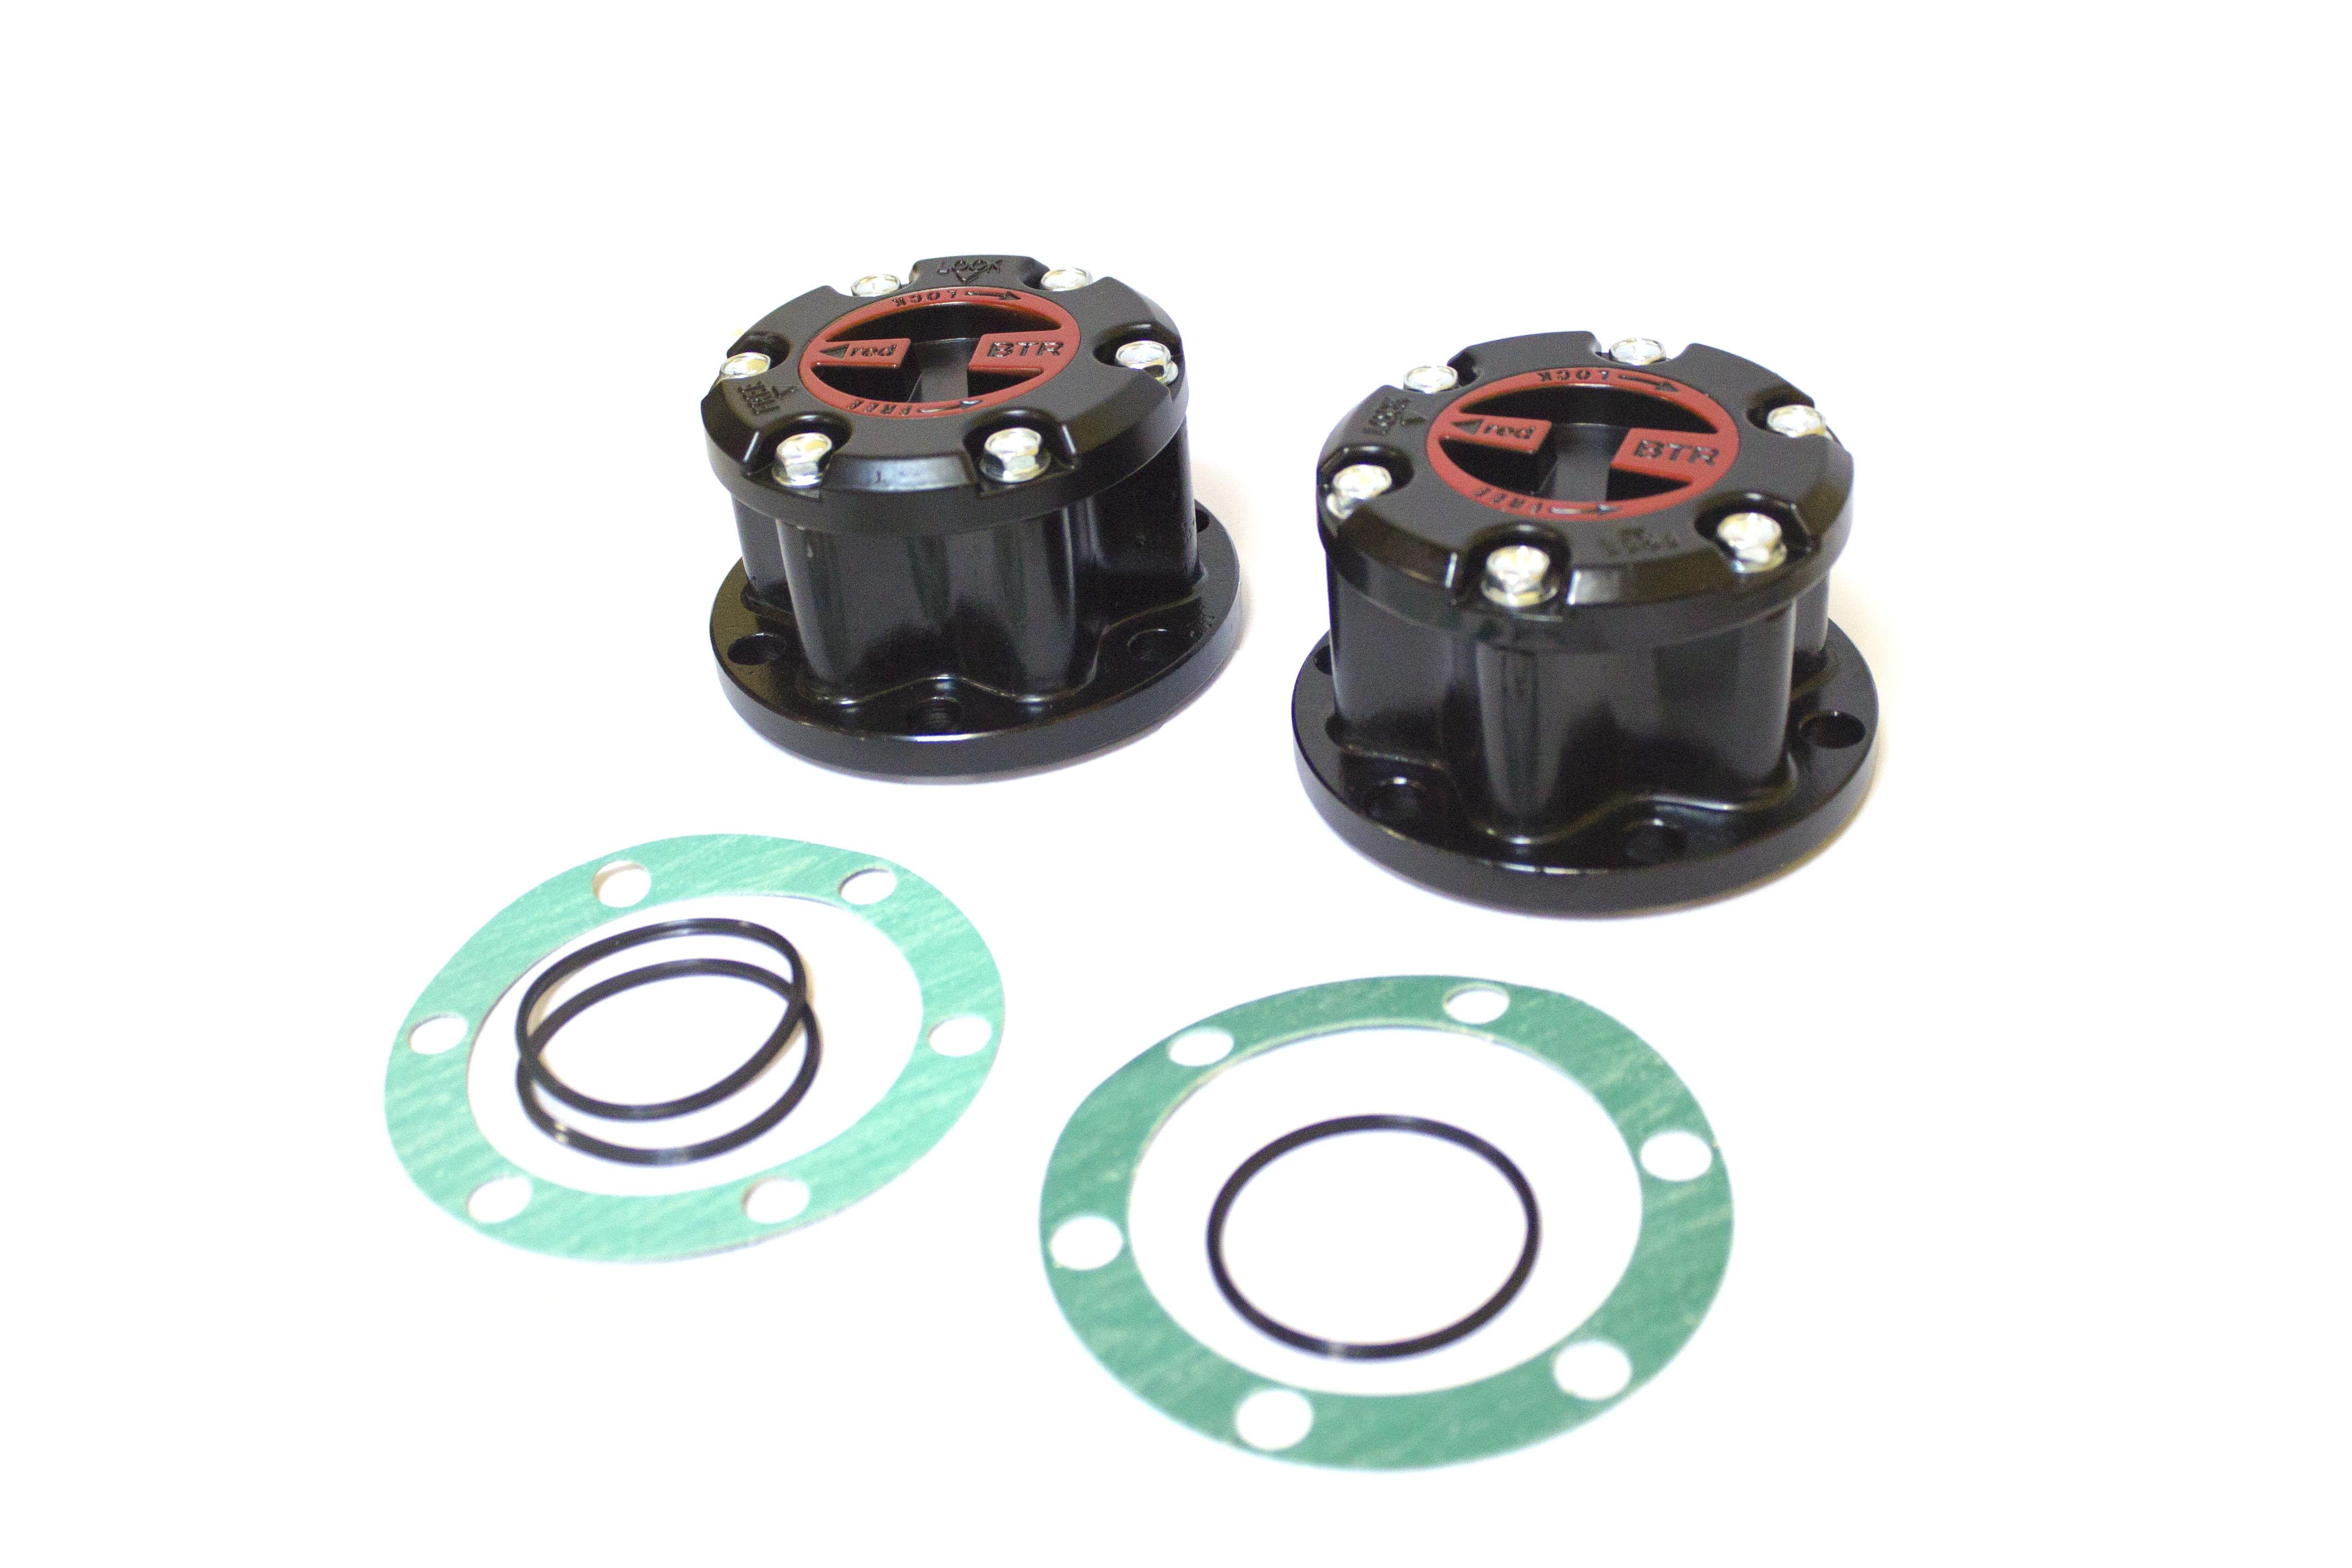 Комплект муфт включения полуоси (хабов) для автомобиля уаз производства компании redbtr